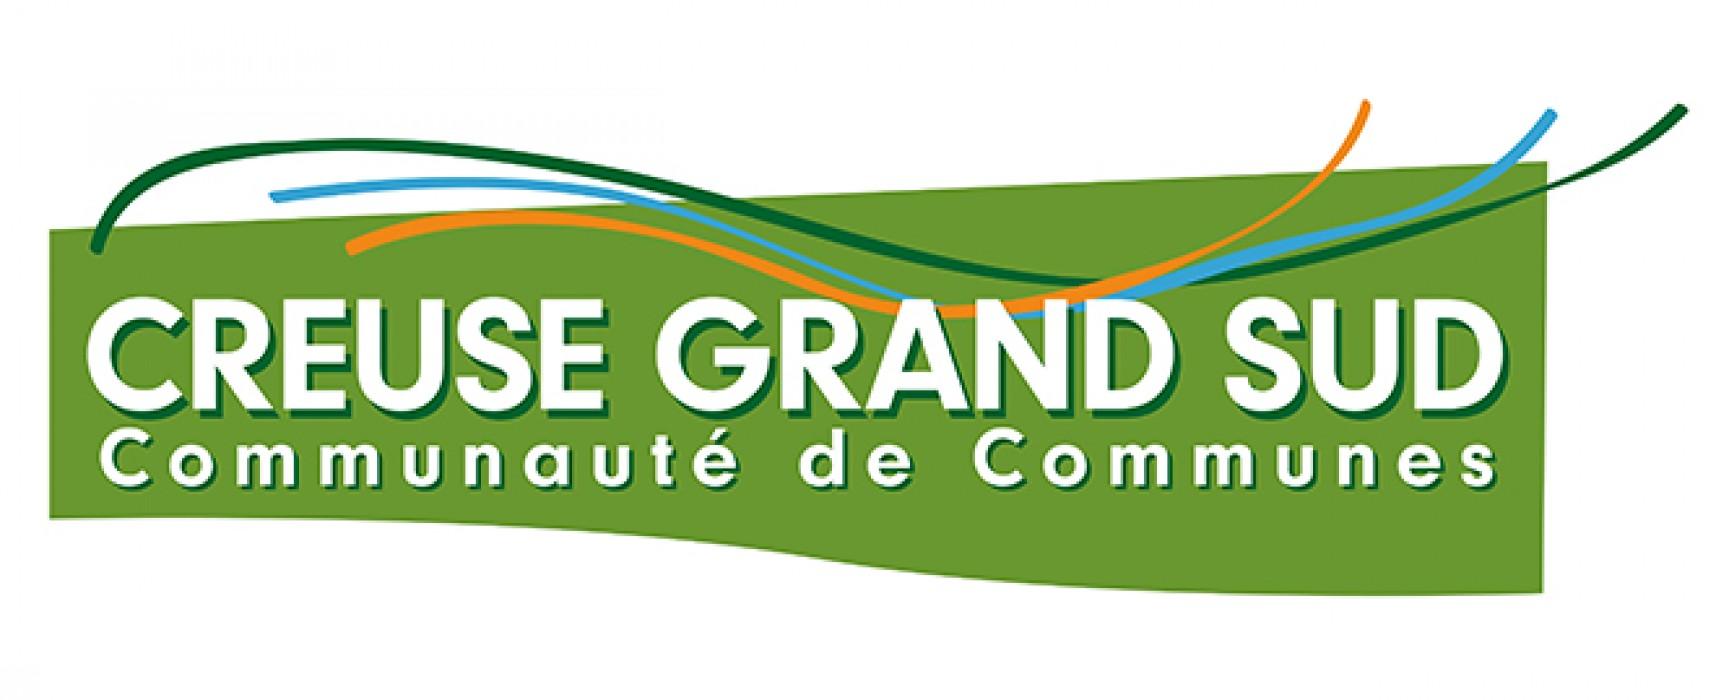 [Covid19-TerritoireEngagé] Plan de reprise d'activité au sein de la Communauté de communes Creuse Grand Sud